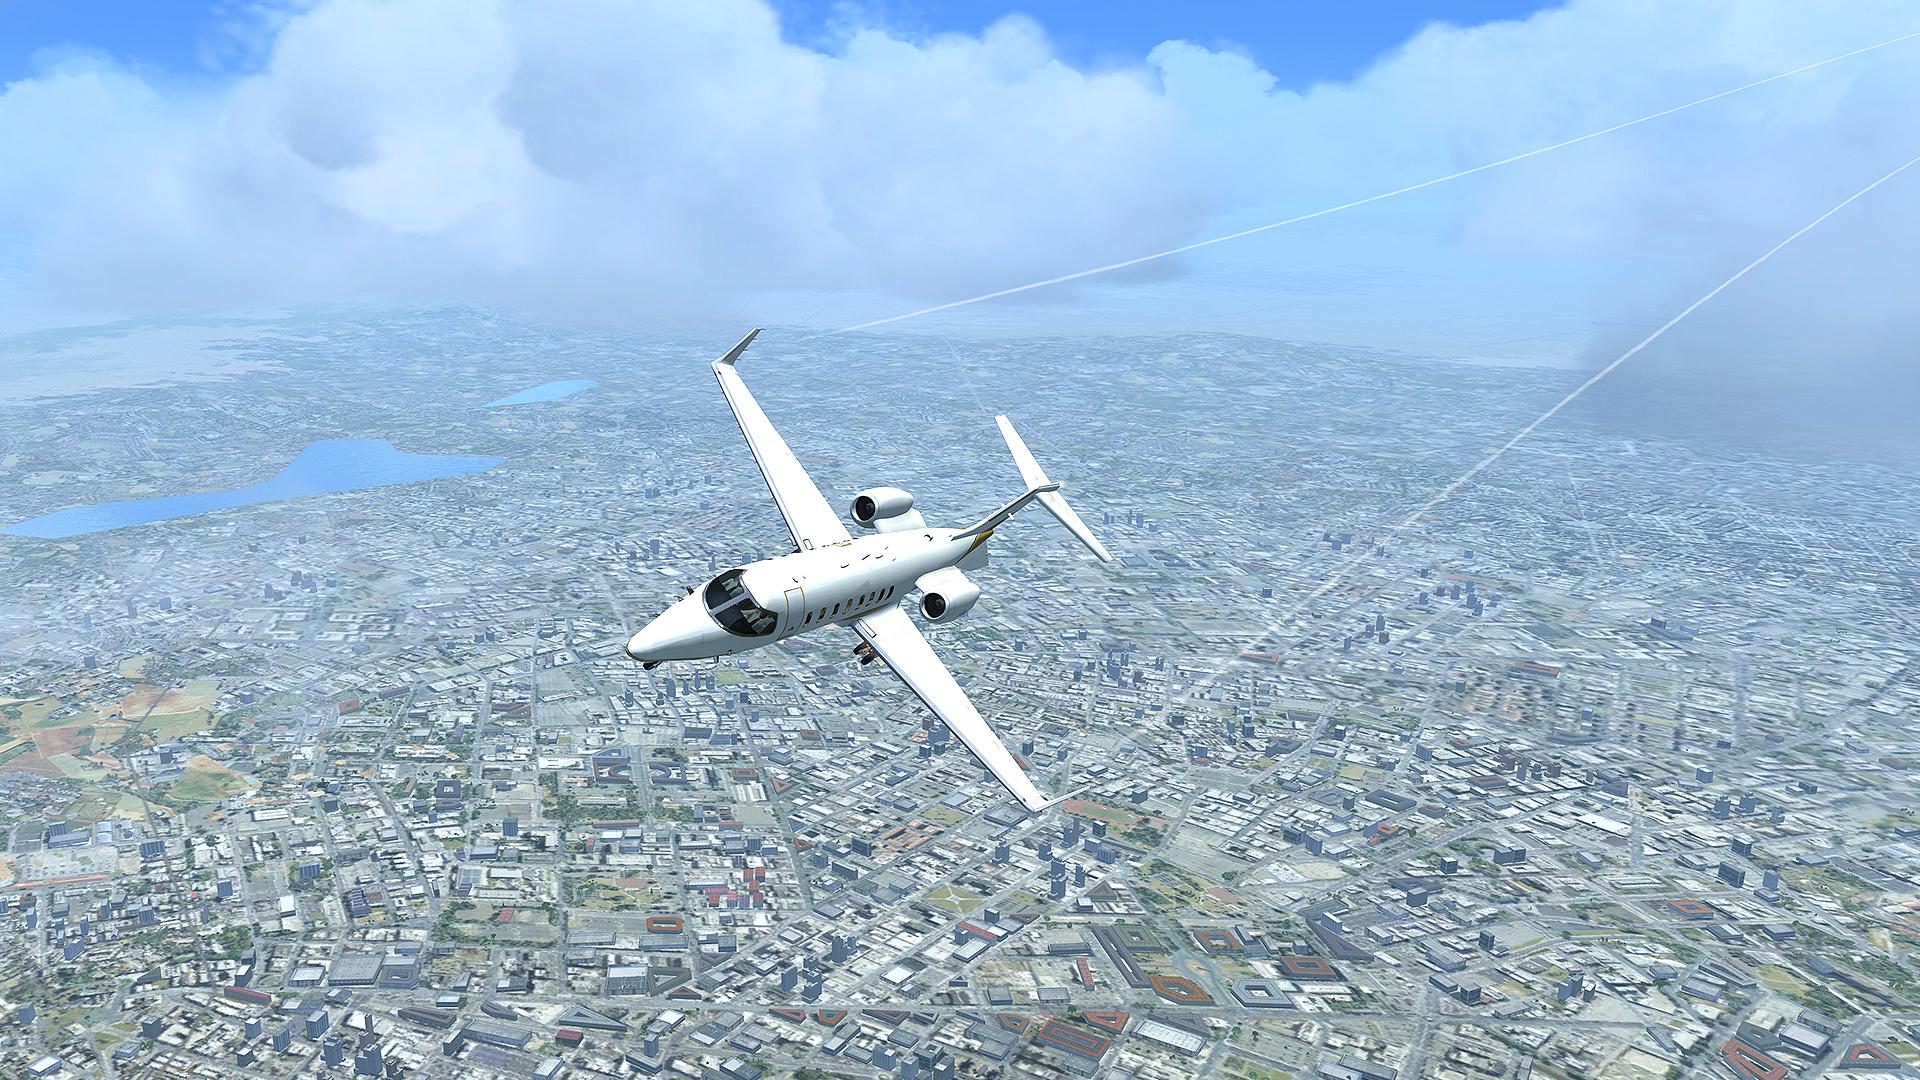 aerofly fs rus скачать с торрента